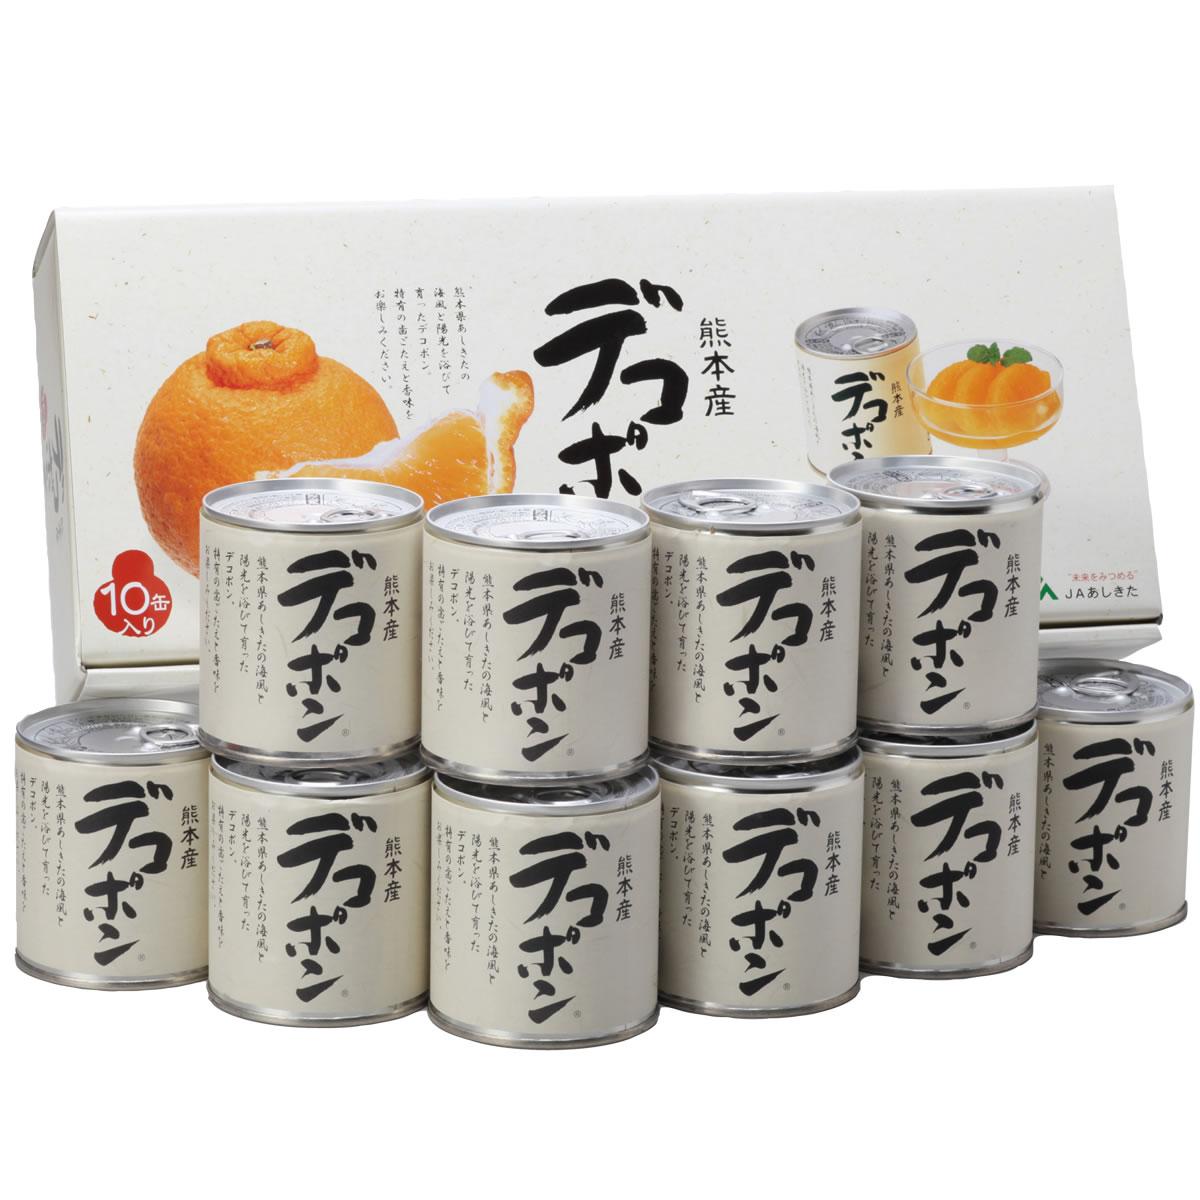 デコポン缶詰 295g×10缶